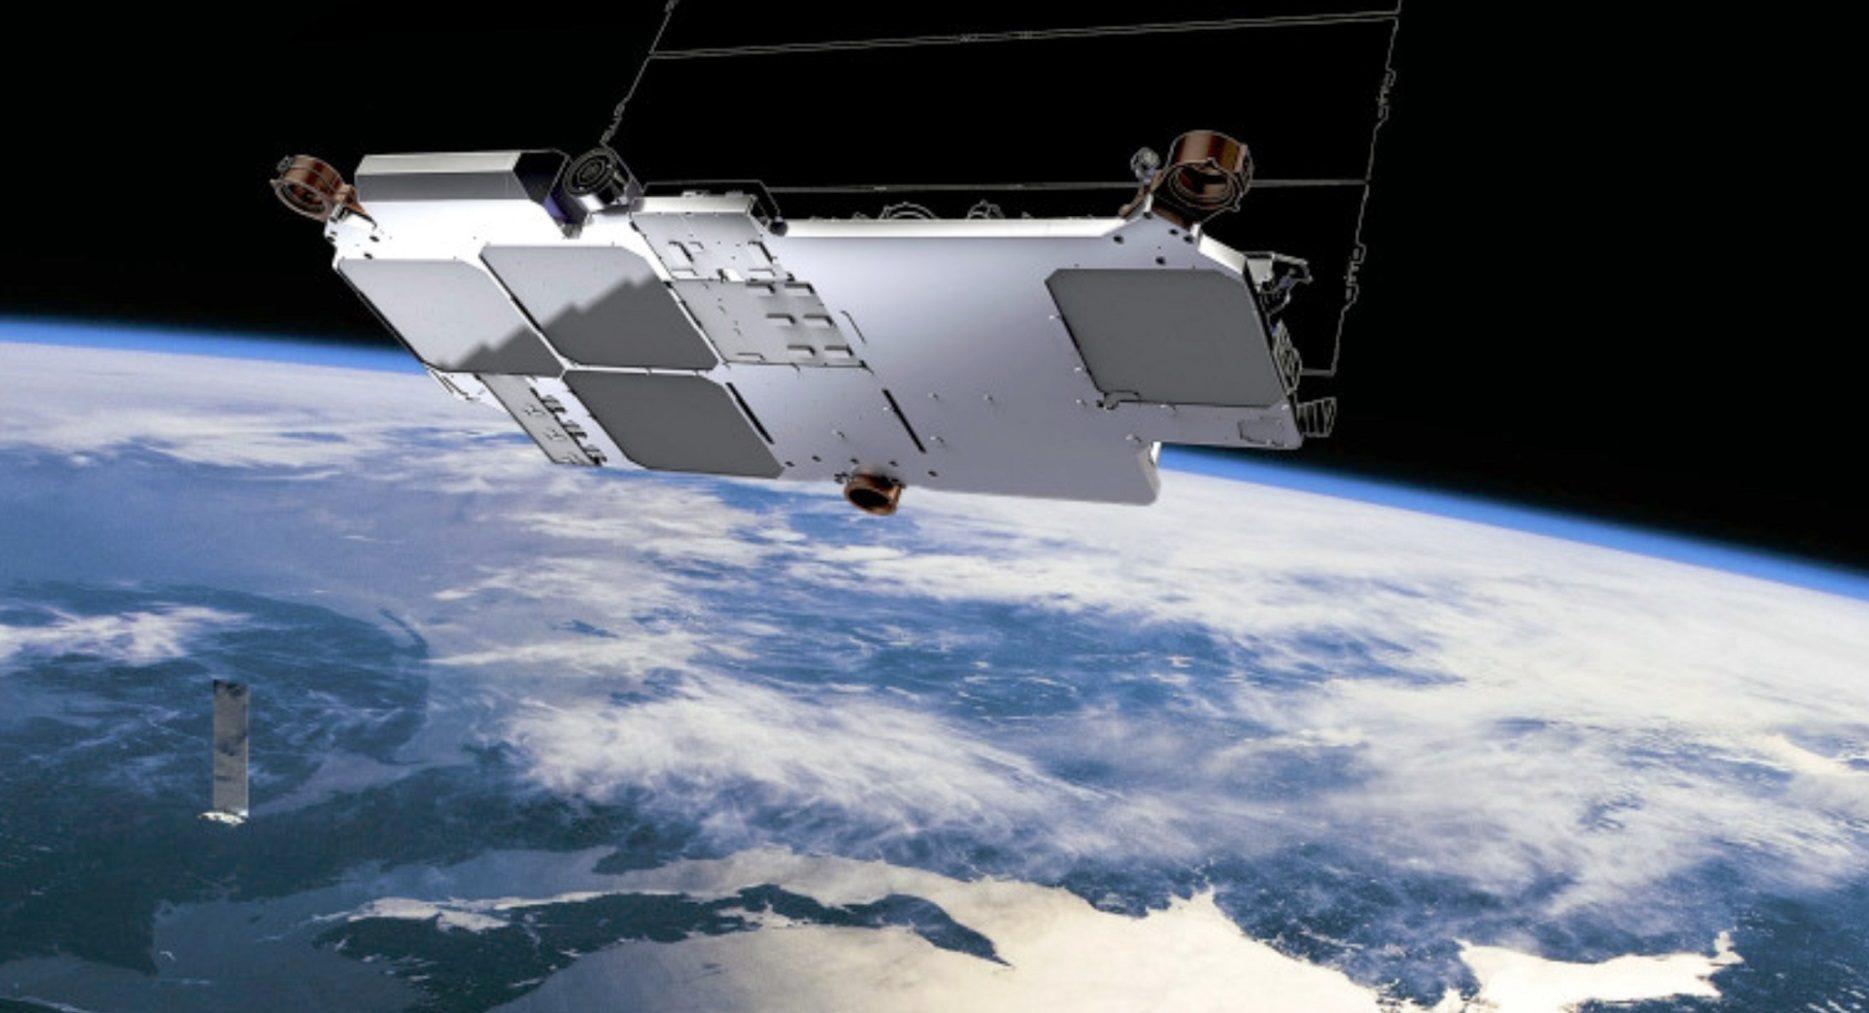 United Kingdom communications regulator approves Starlink broadband terminals